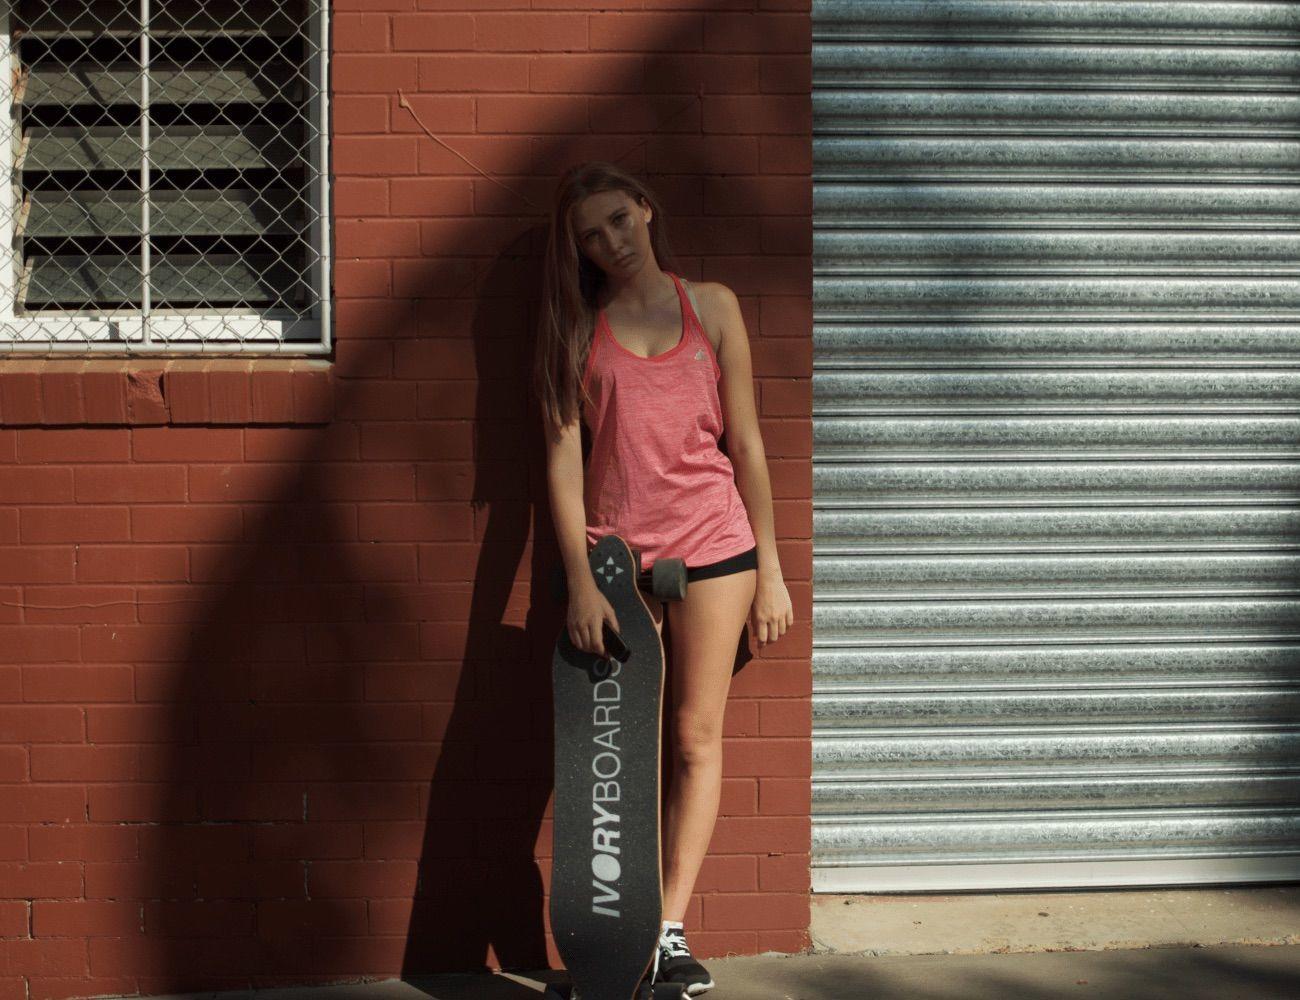 IvoryBoards+Affordable+Electric+Skateboards